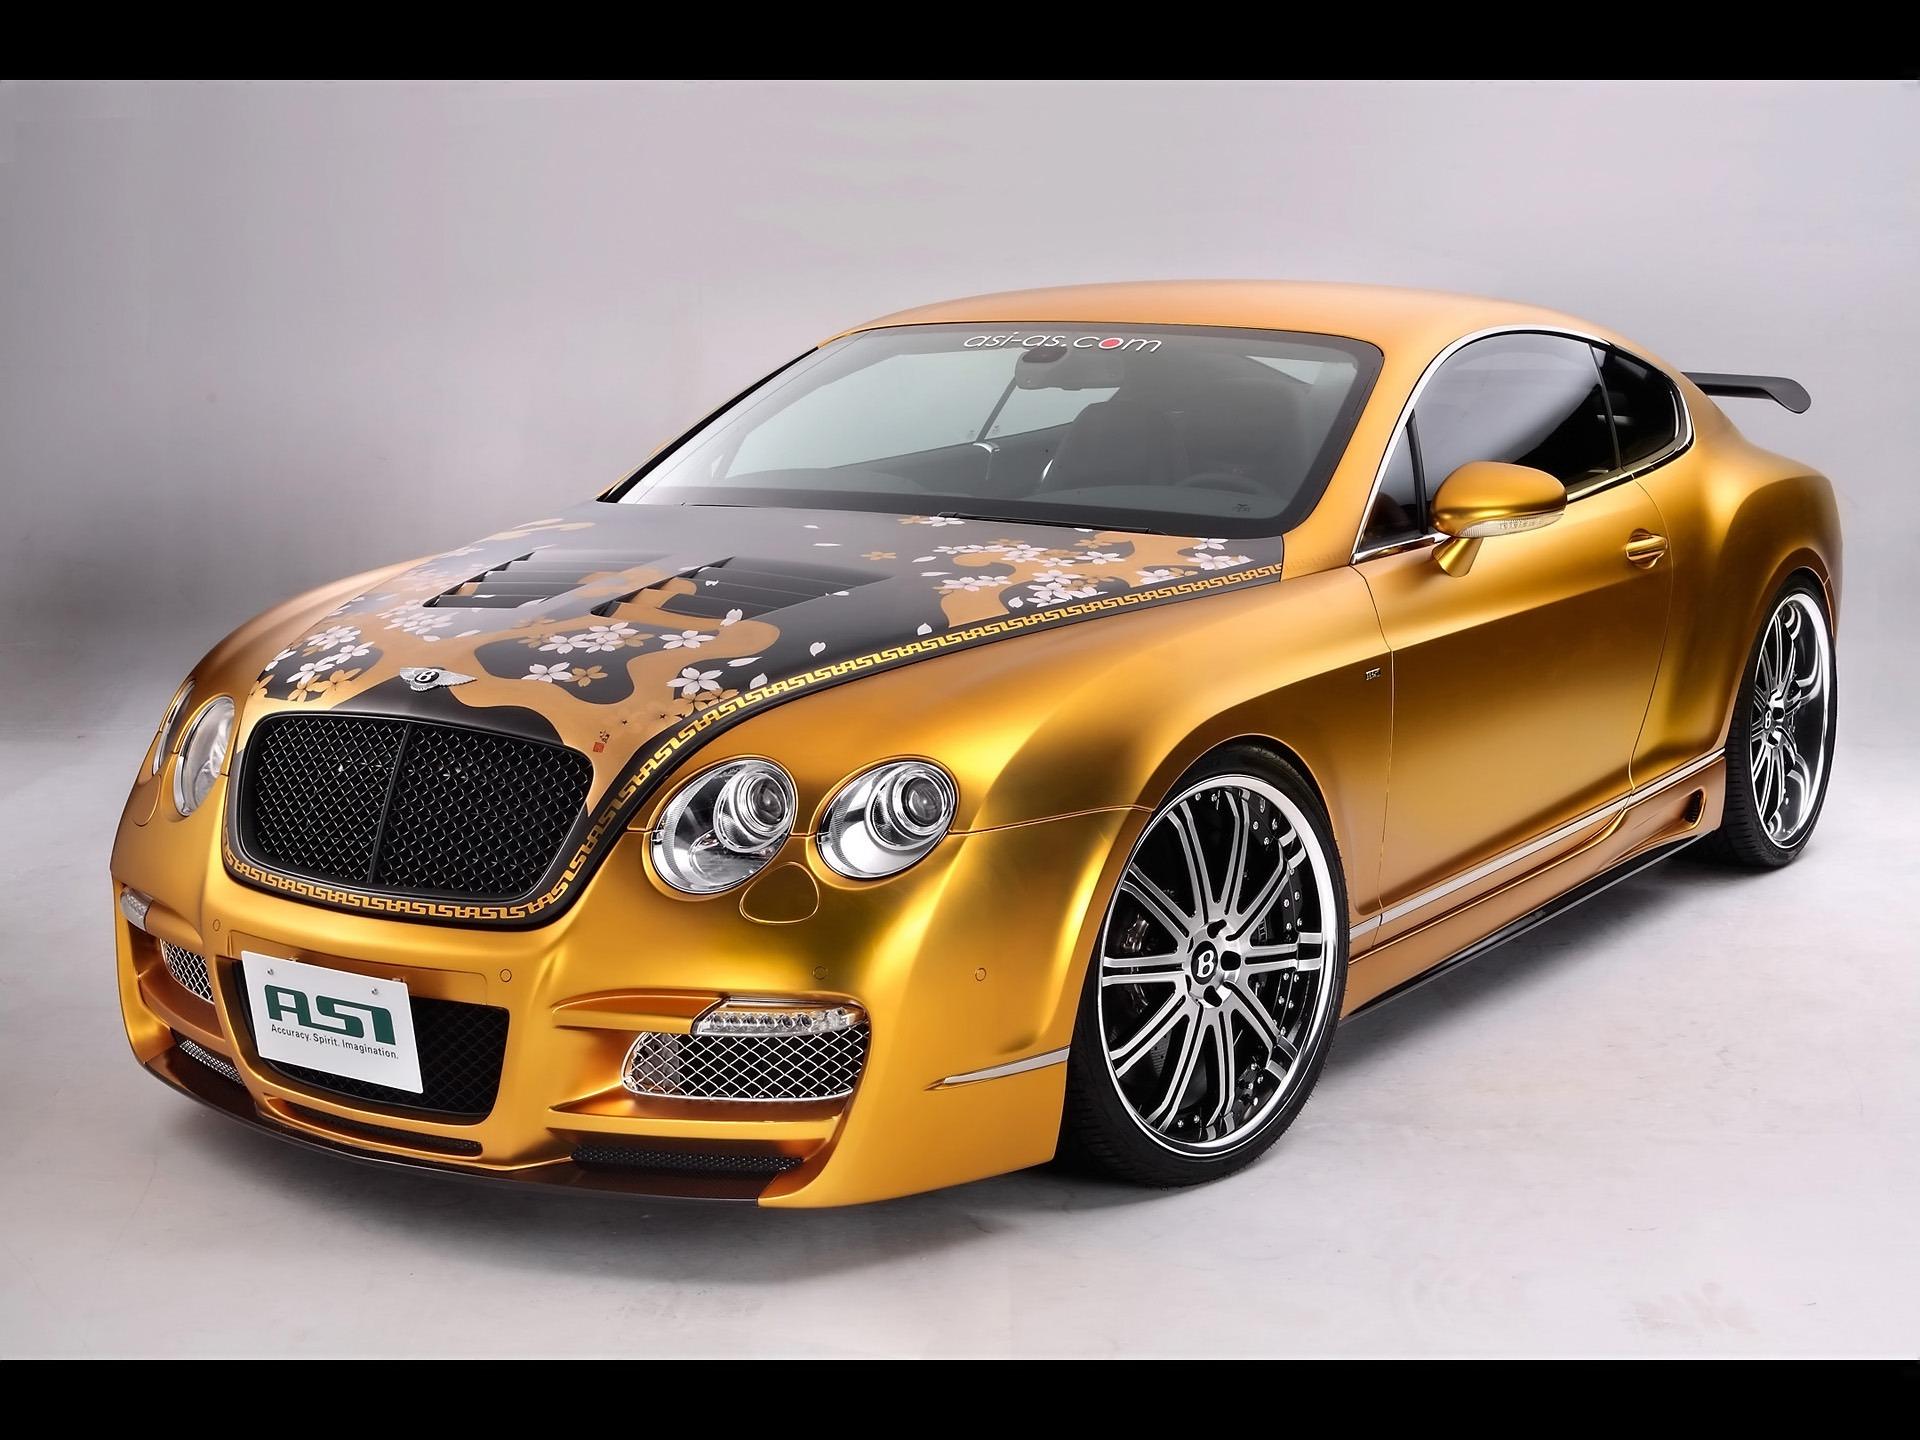 Asi Bentley Glod Wallpaper Cars Wallpapers